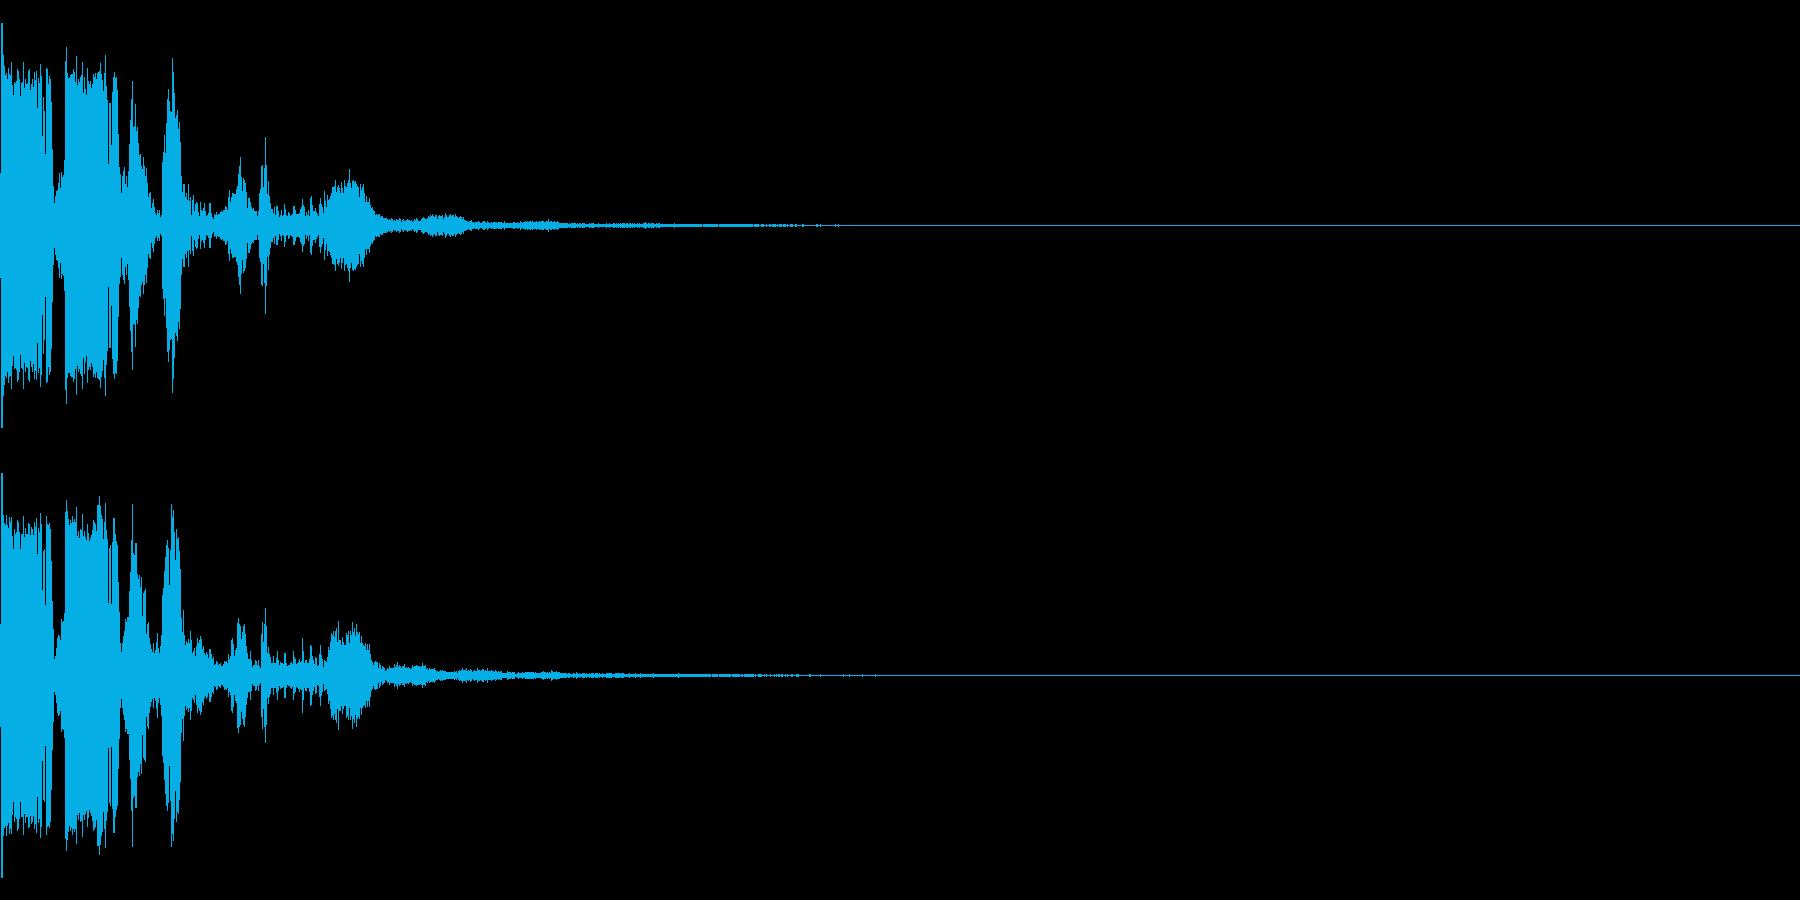 ブンブン ボイス入り 動画の自己紹介にの再生済みの波形